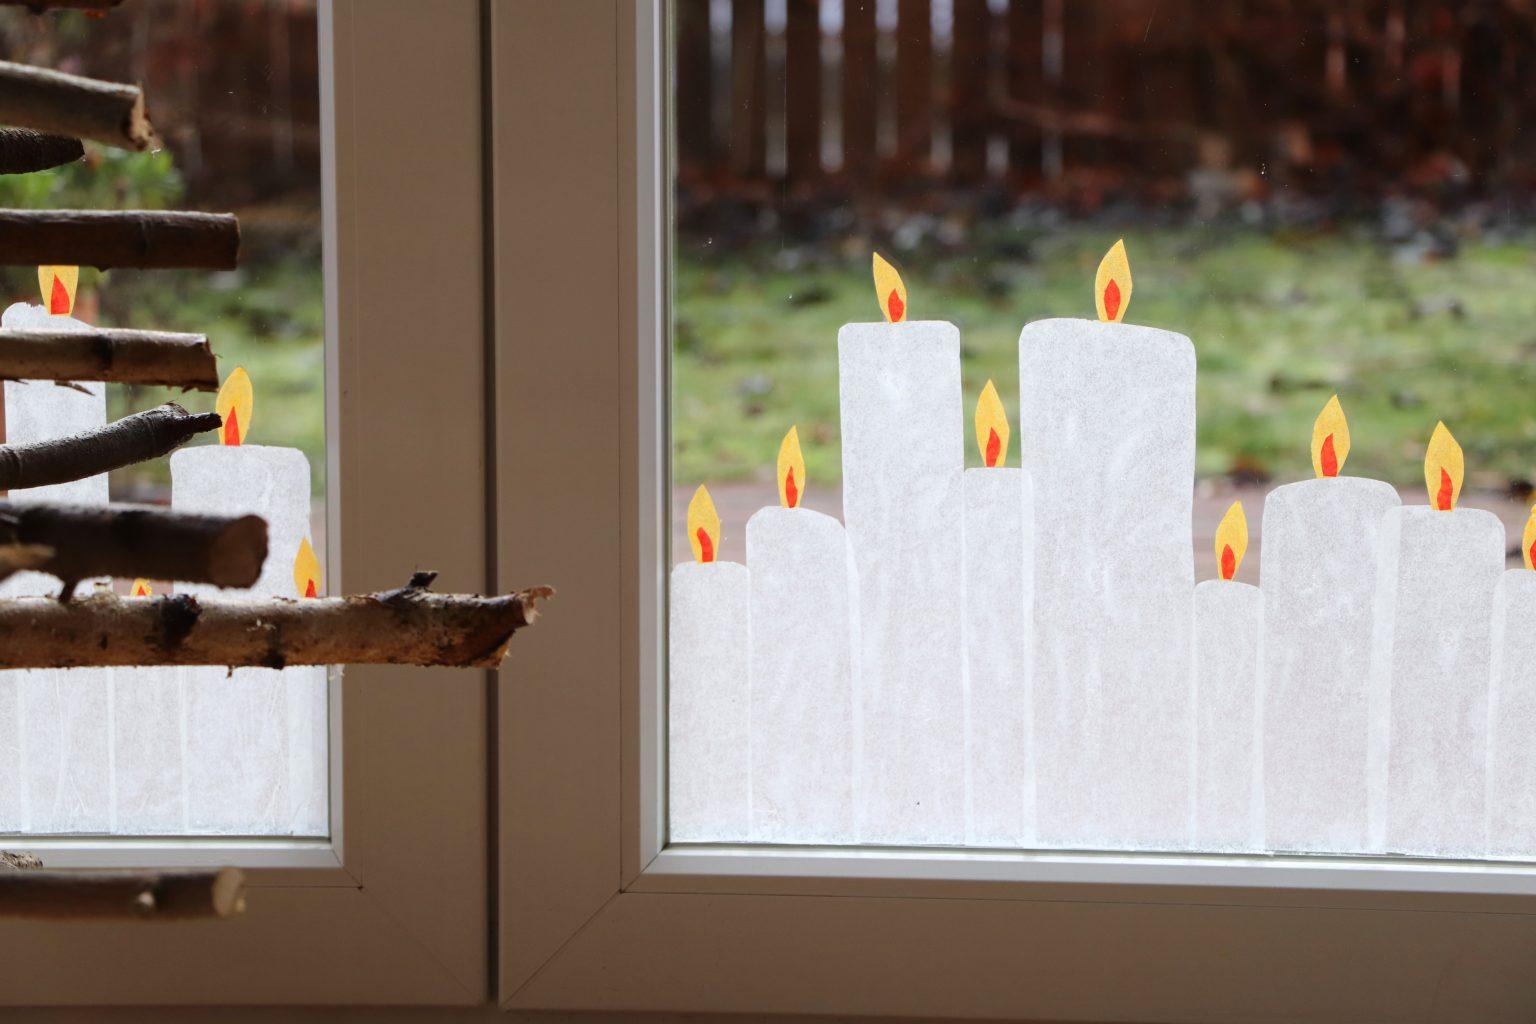 Transparentpapier-Kerzen basteln